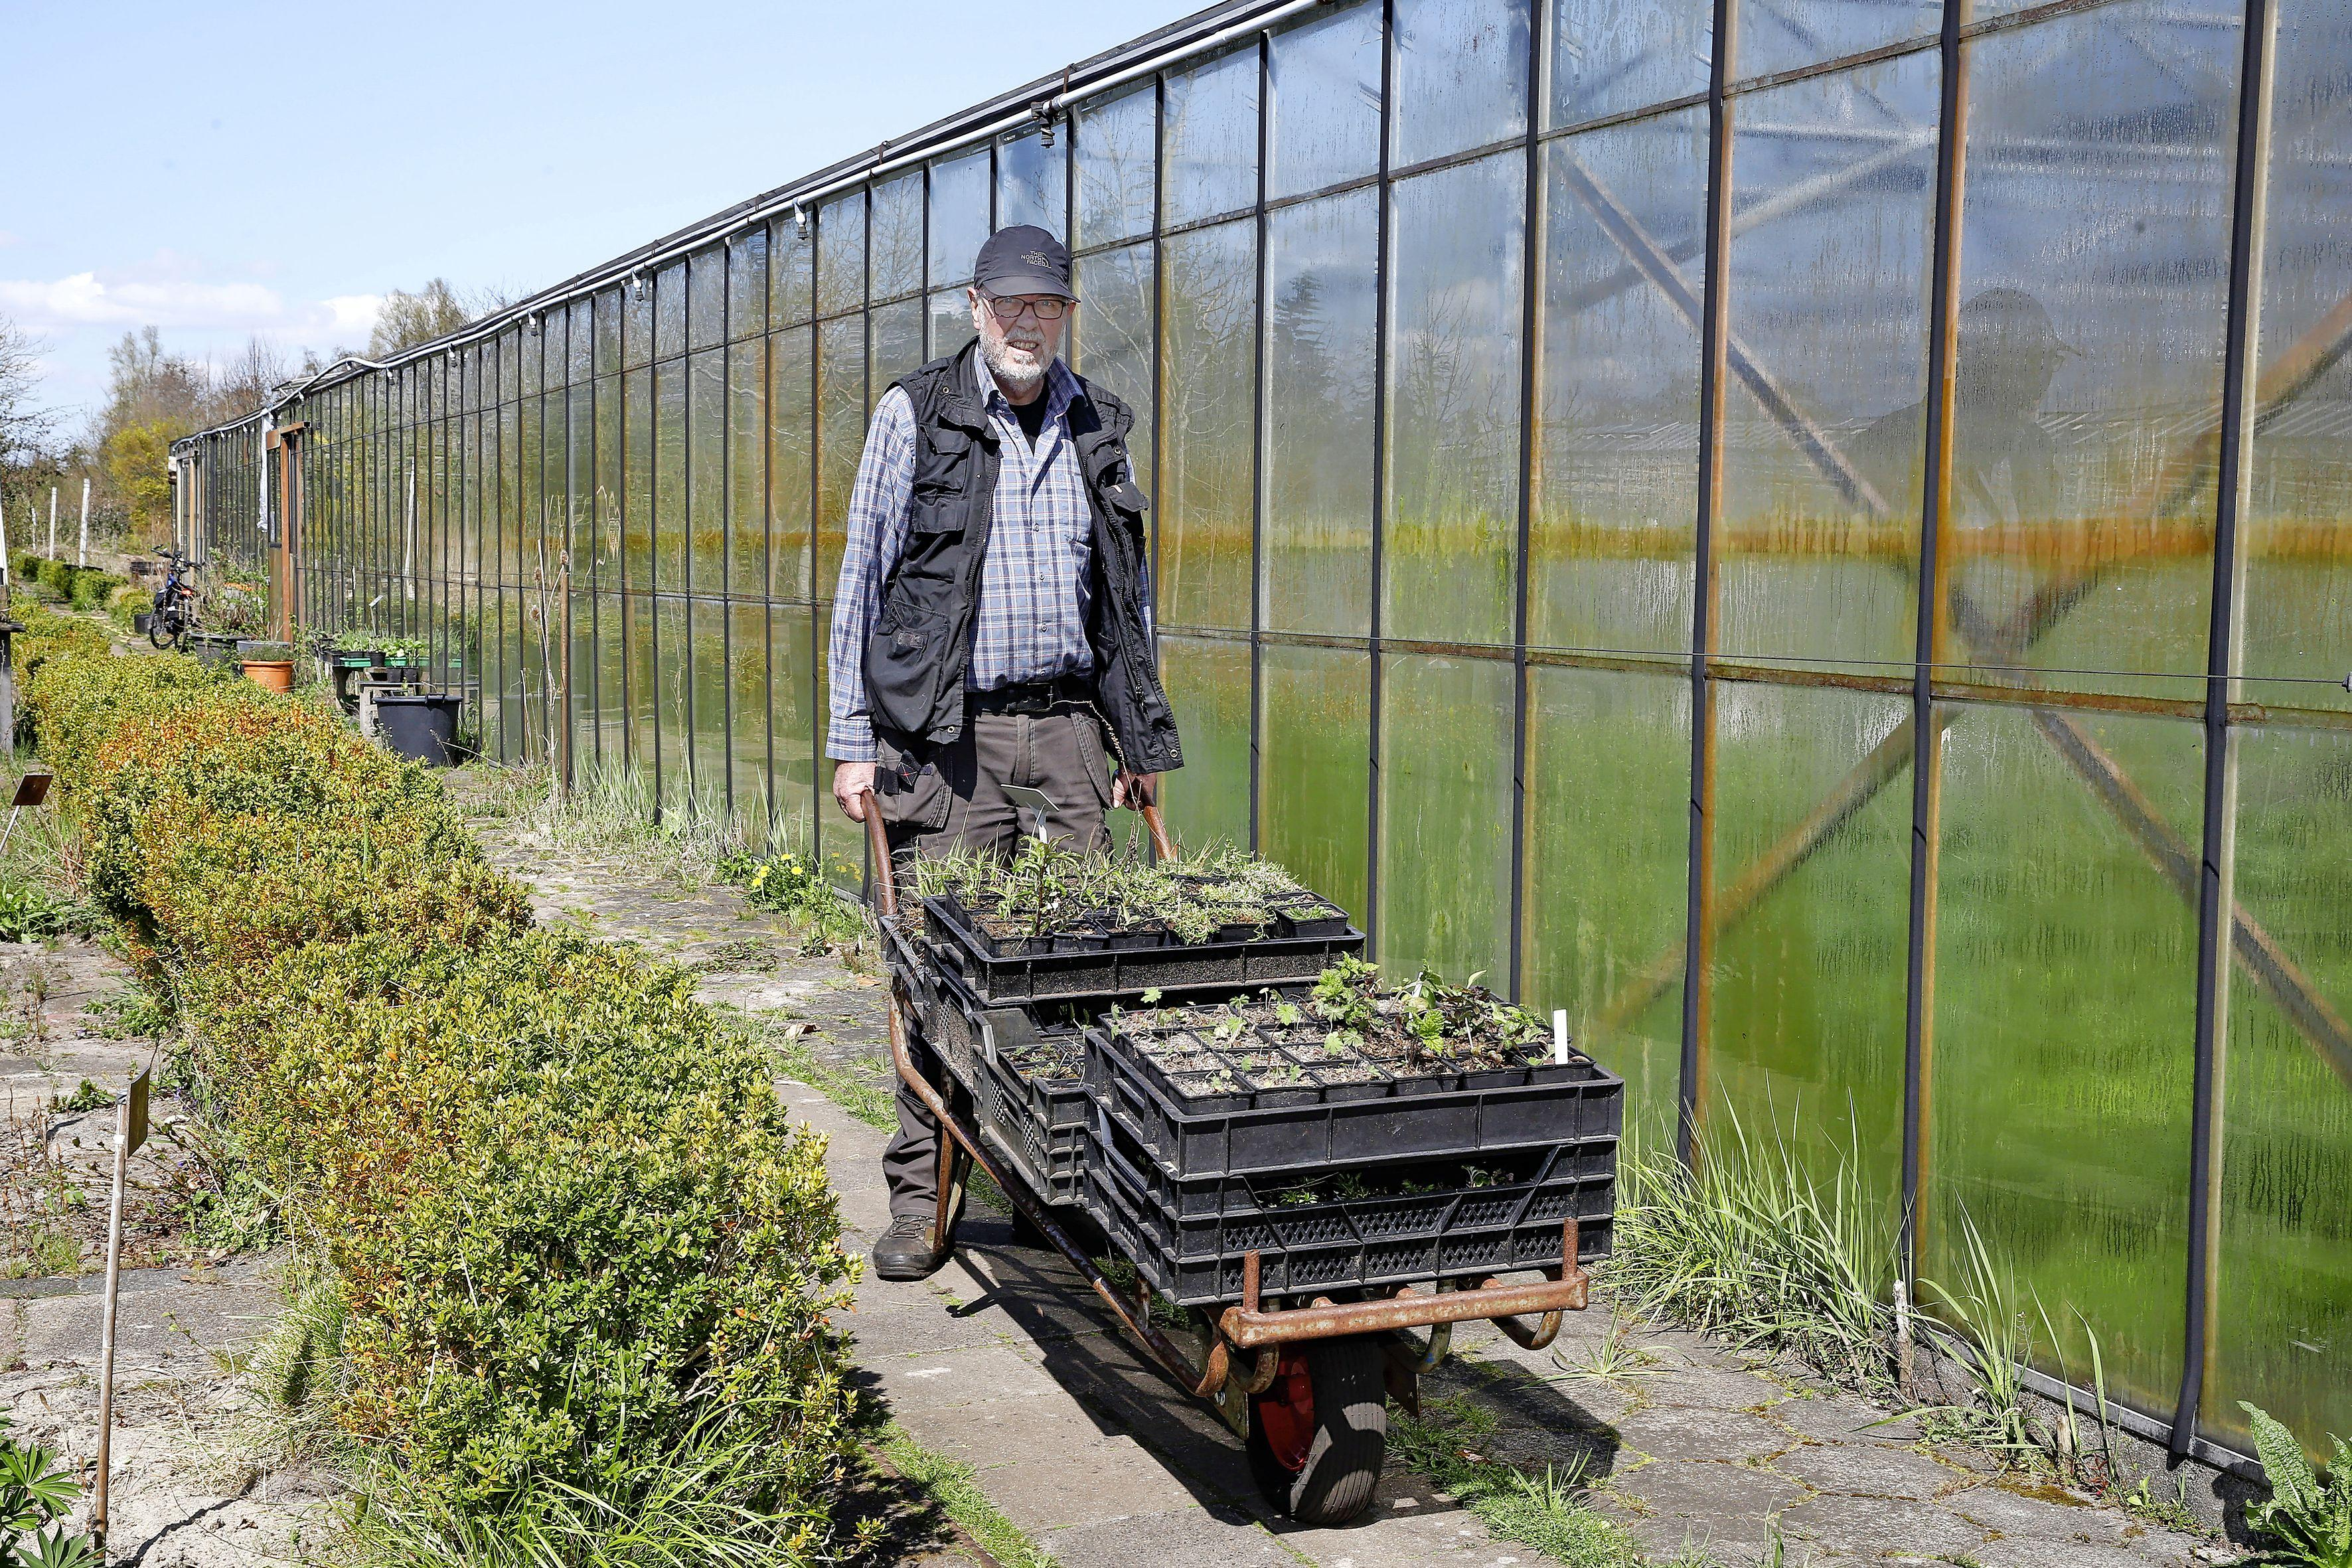 Veel mensen gingen dit weekend naar de grote tuincentra, maar koop ook eens wilde planten, zegt Martin Stevens. 'Een roos uit China staat heel mooi, maar er komt geen bij of vlinder op af'